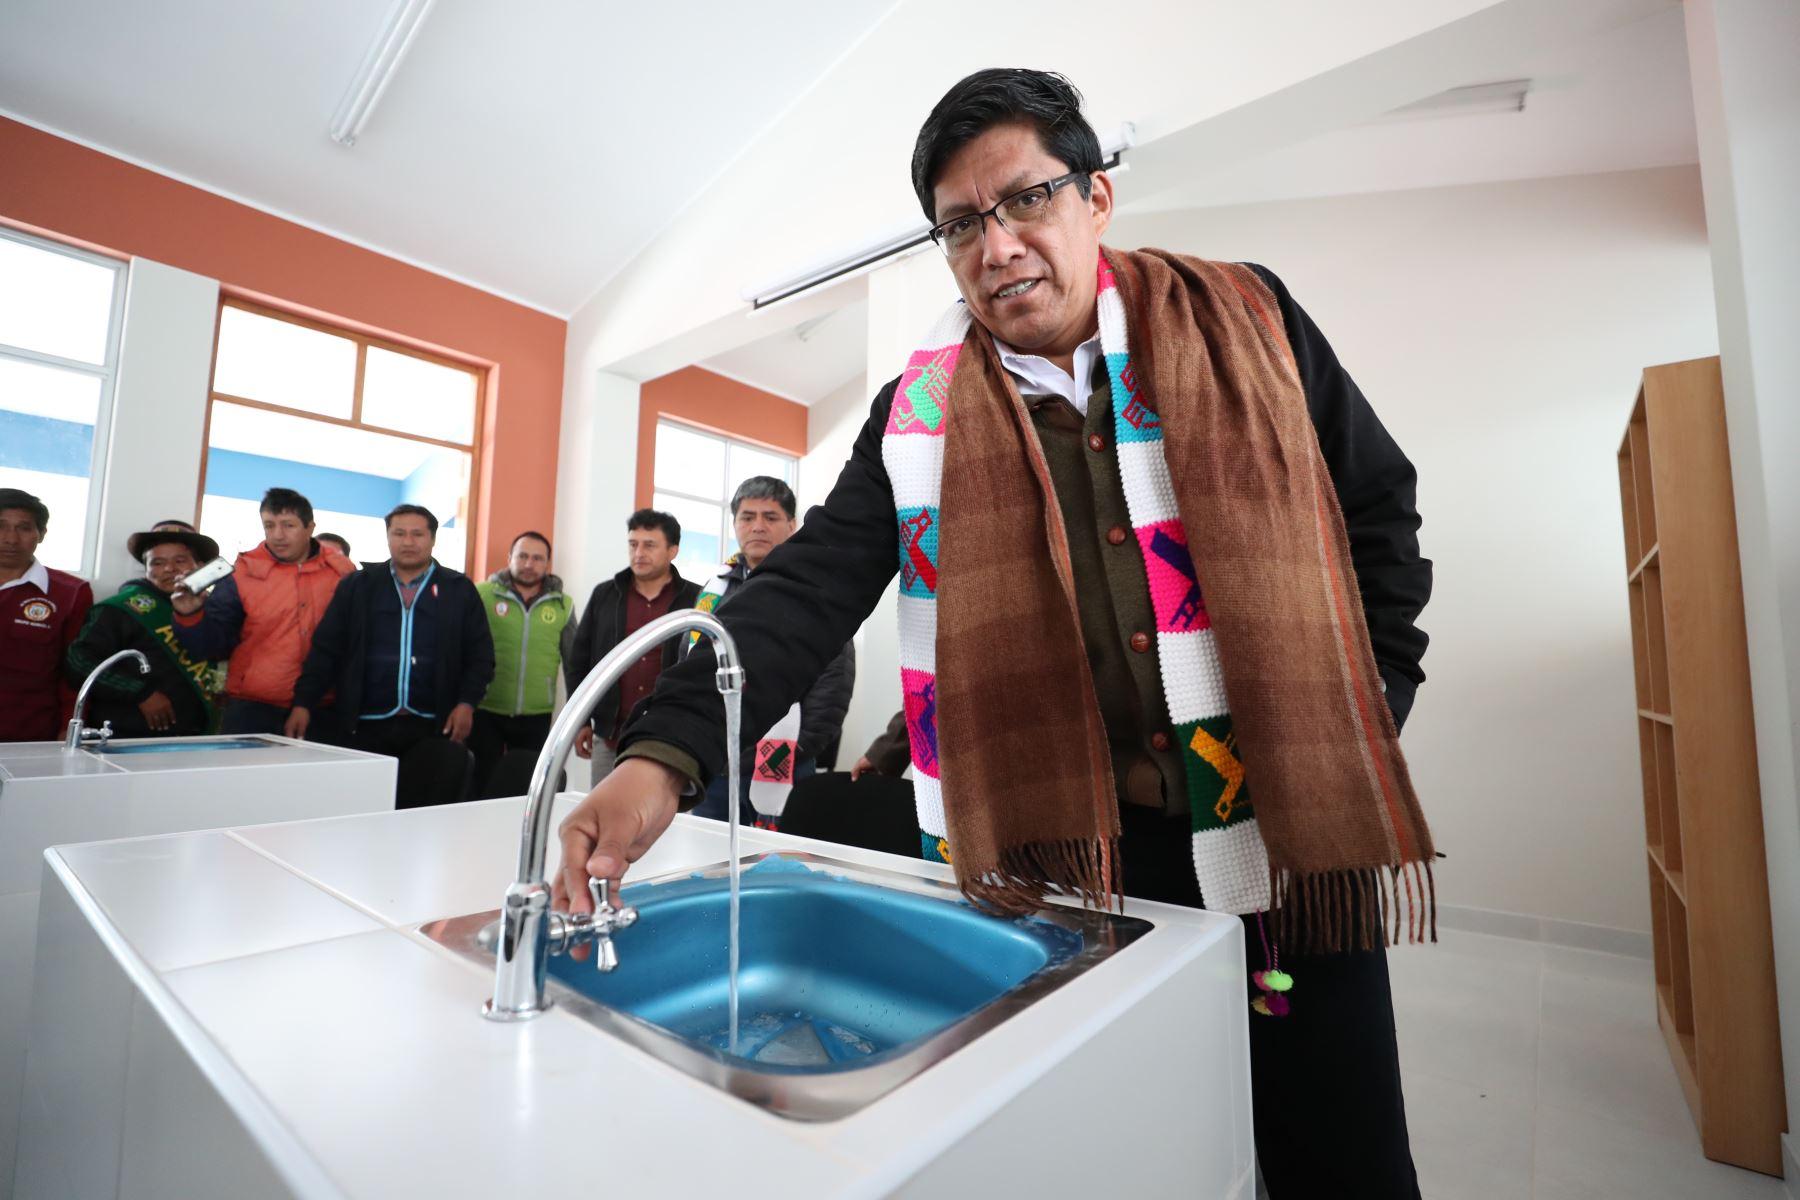 El jefe del Gabinete Ministerial, Vicente Zeballos, se trasladó a la comunidad de Huaynacancha para supervisar las nuevas instalaciones de la Institución educativa 17 de Mayo.Foto: ANDINA/PCM